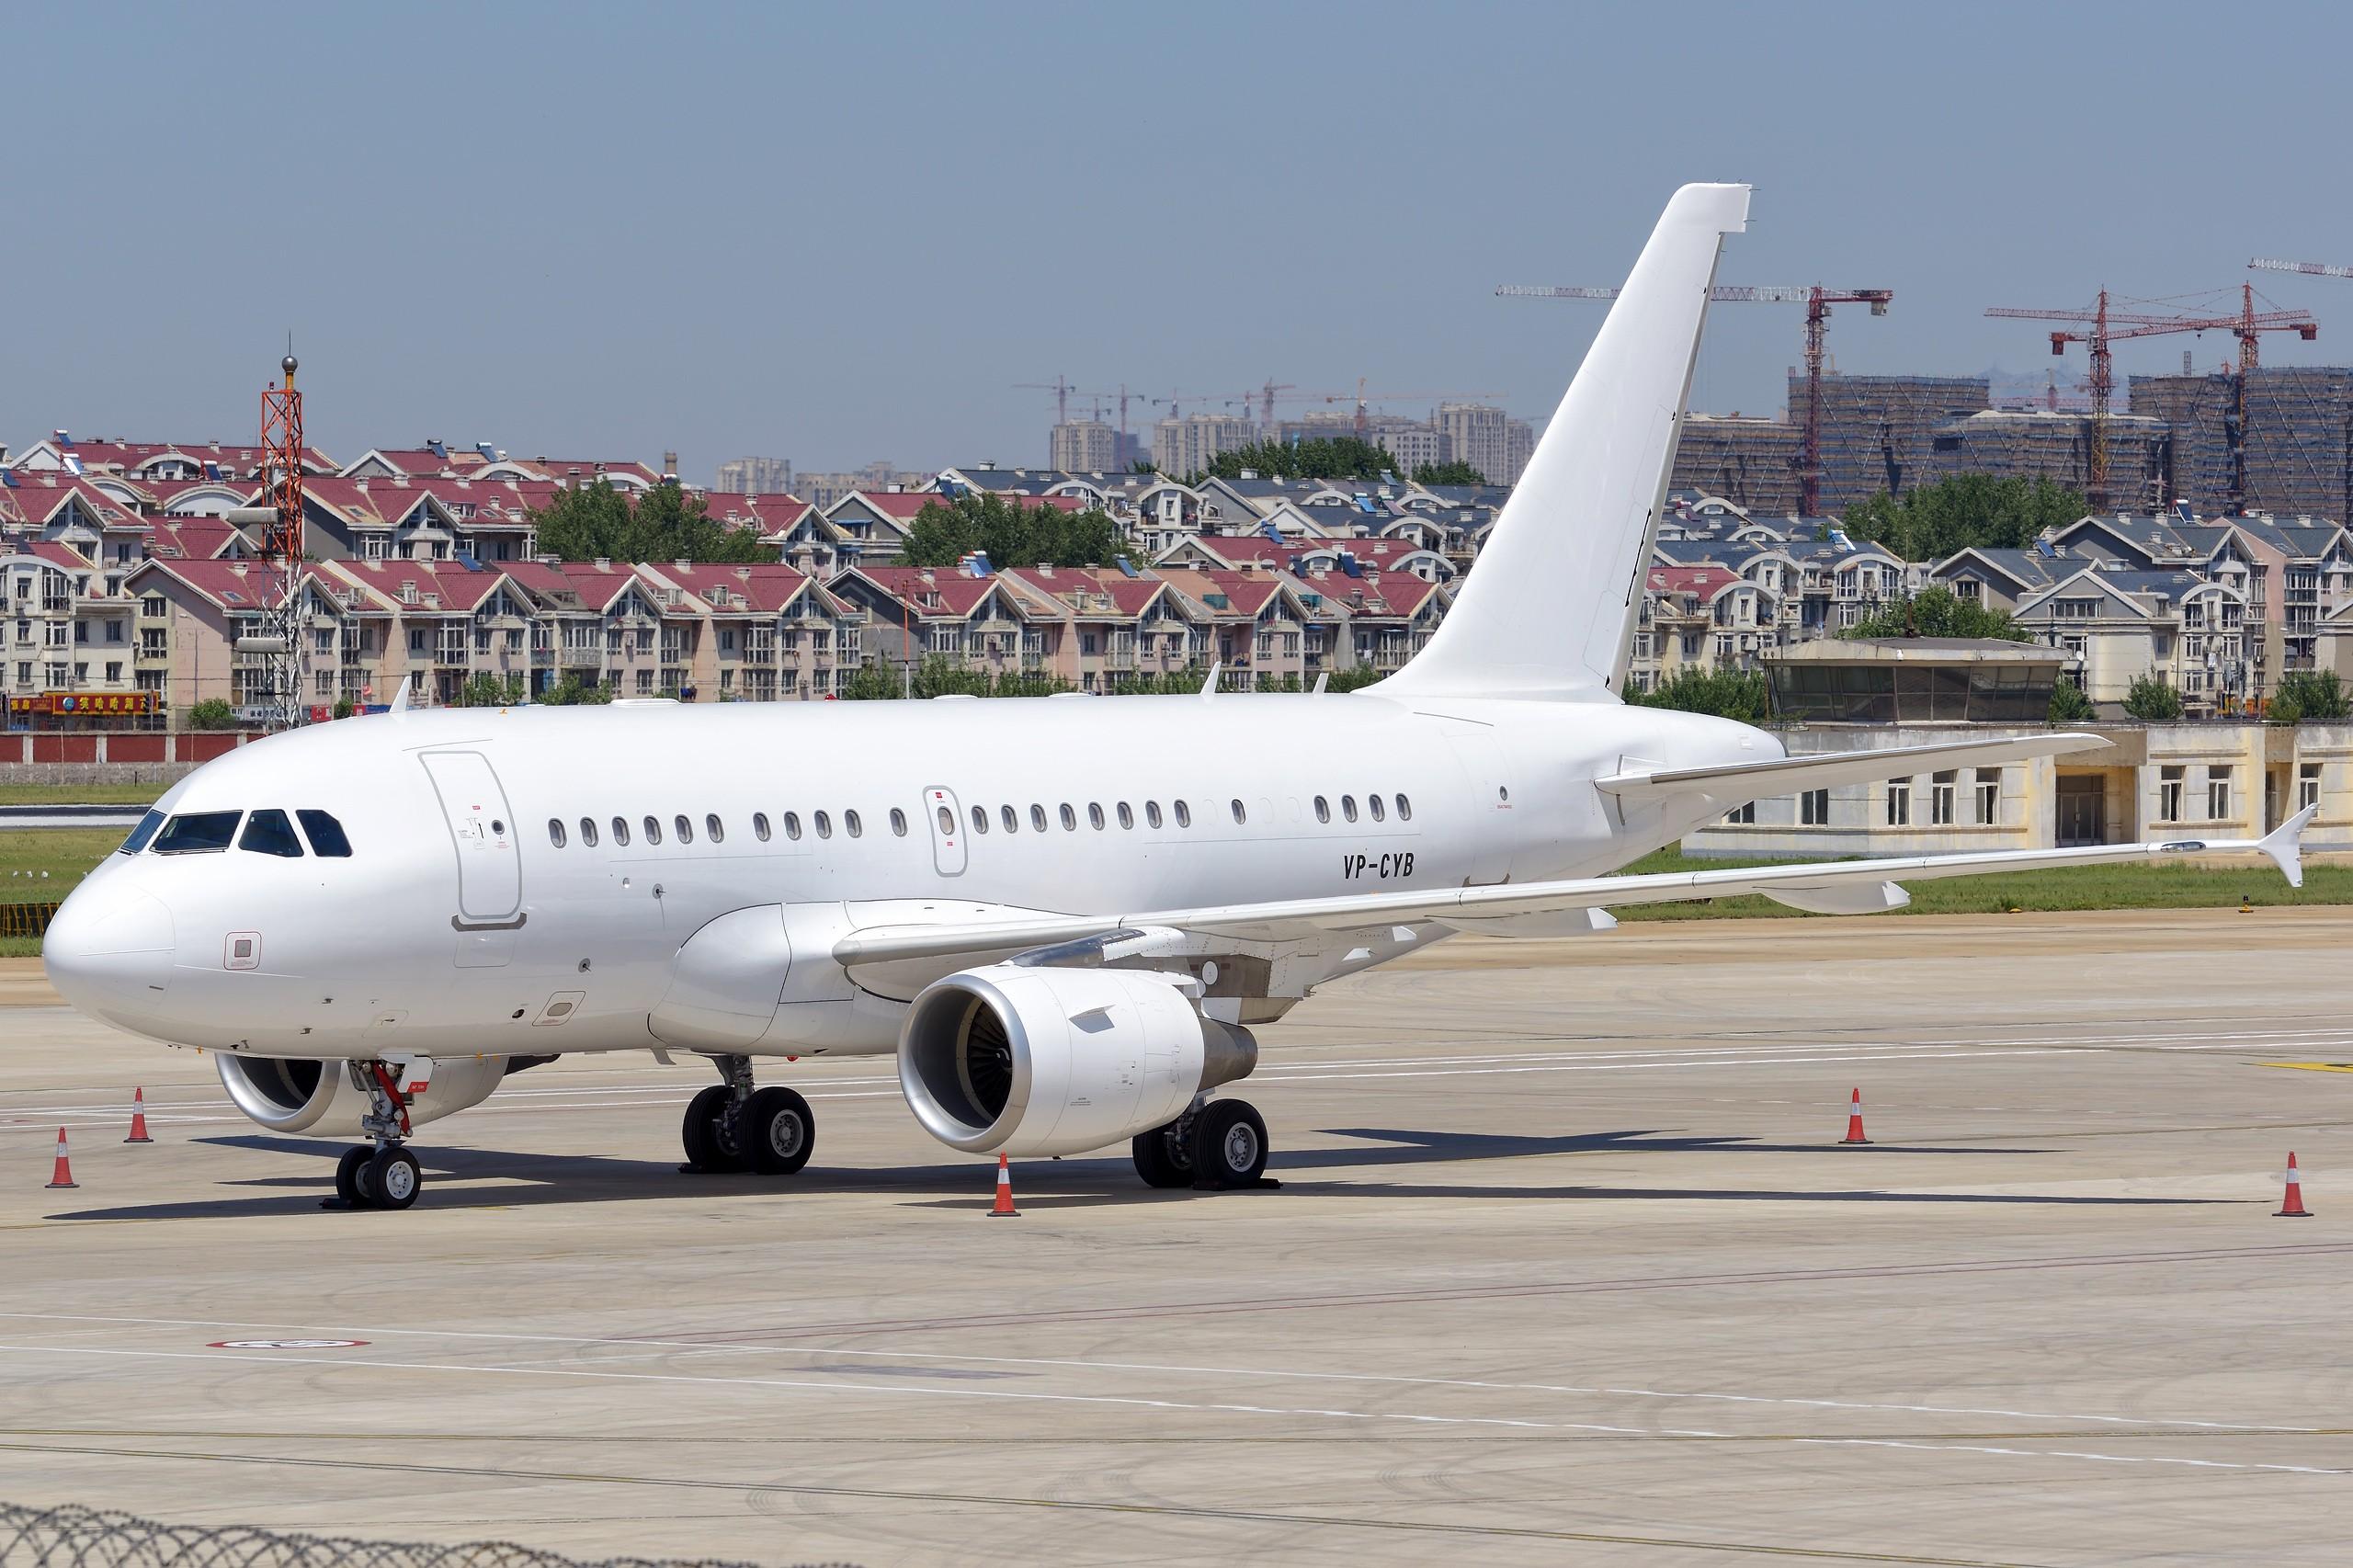 [原创]★[DLC]318公务机 2560pix★ AIRBUS A318-112CJ VP-CYB 中国大连周水子国际机场